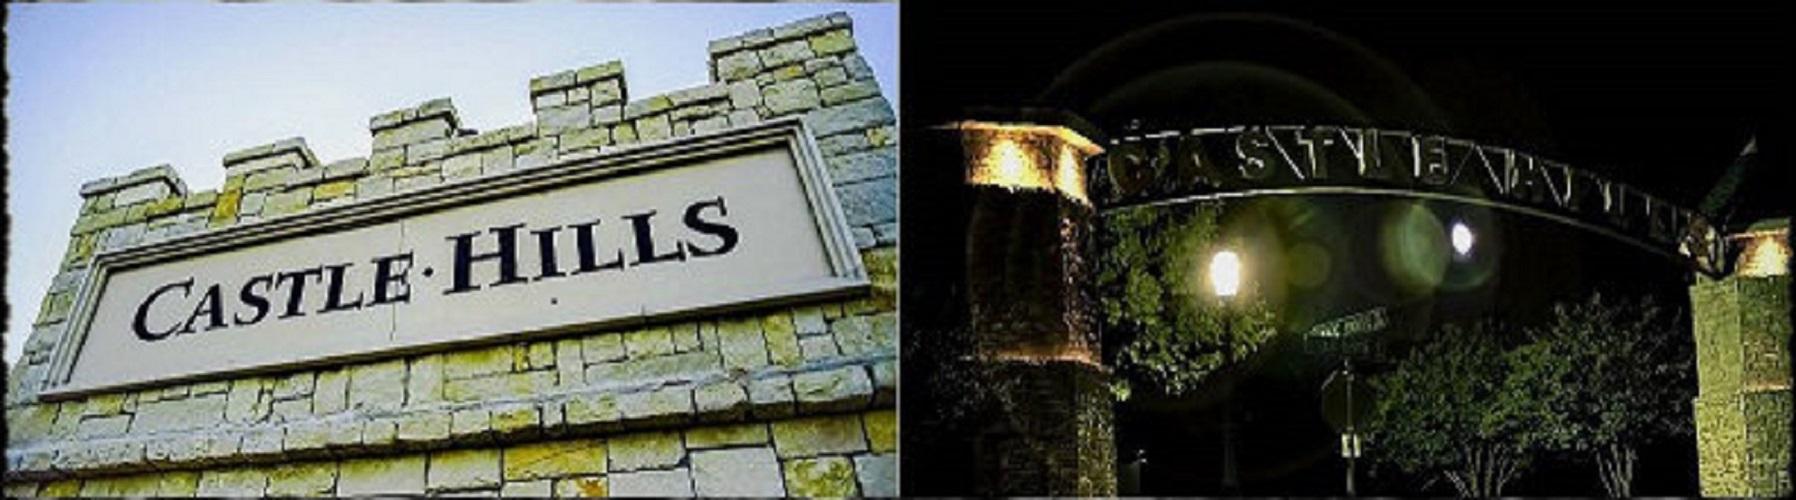 Castle Hills Real Estate Advisors